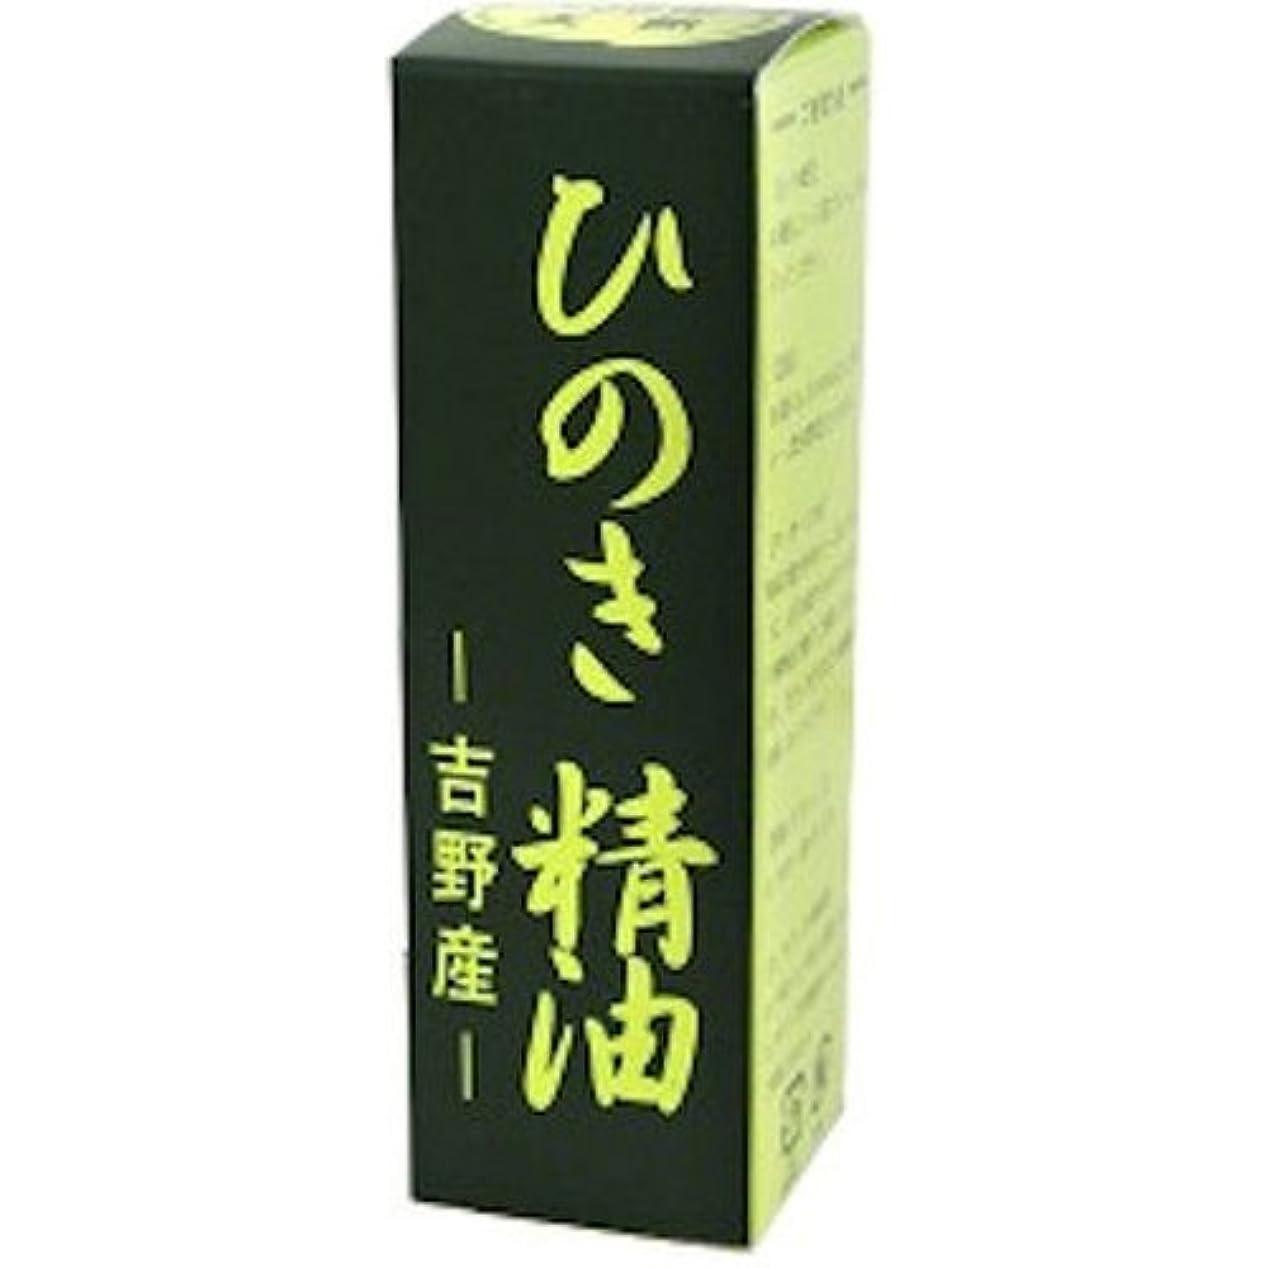 帝国地理幻想吉野ひのき精油(エッセンスオイル) 30ml